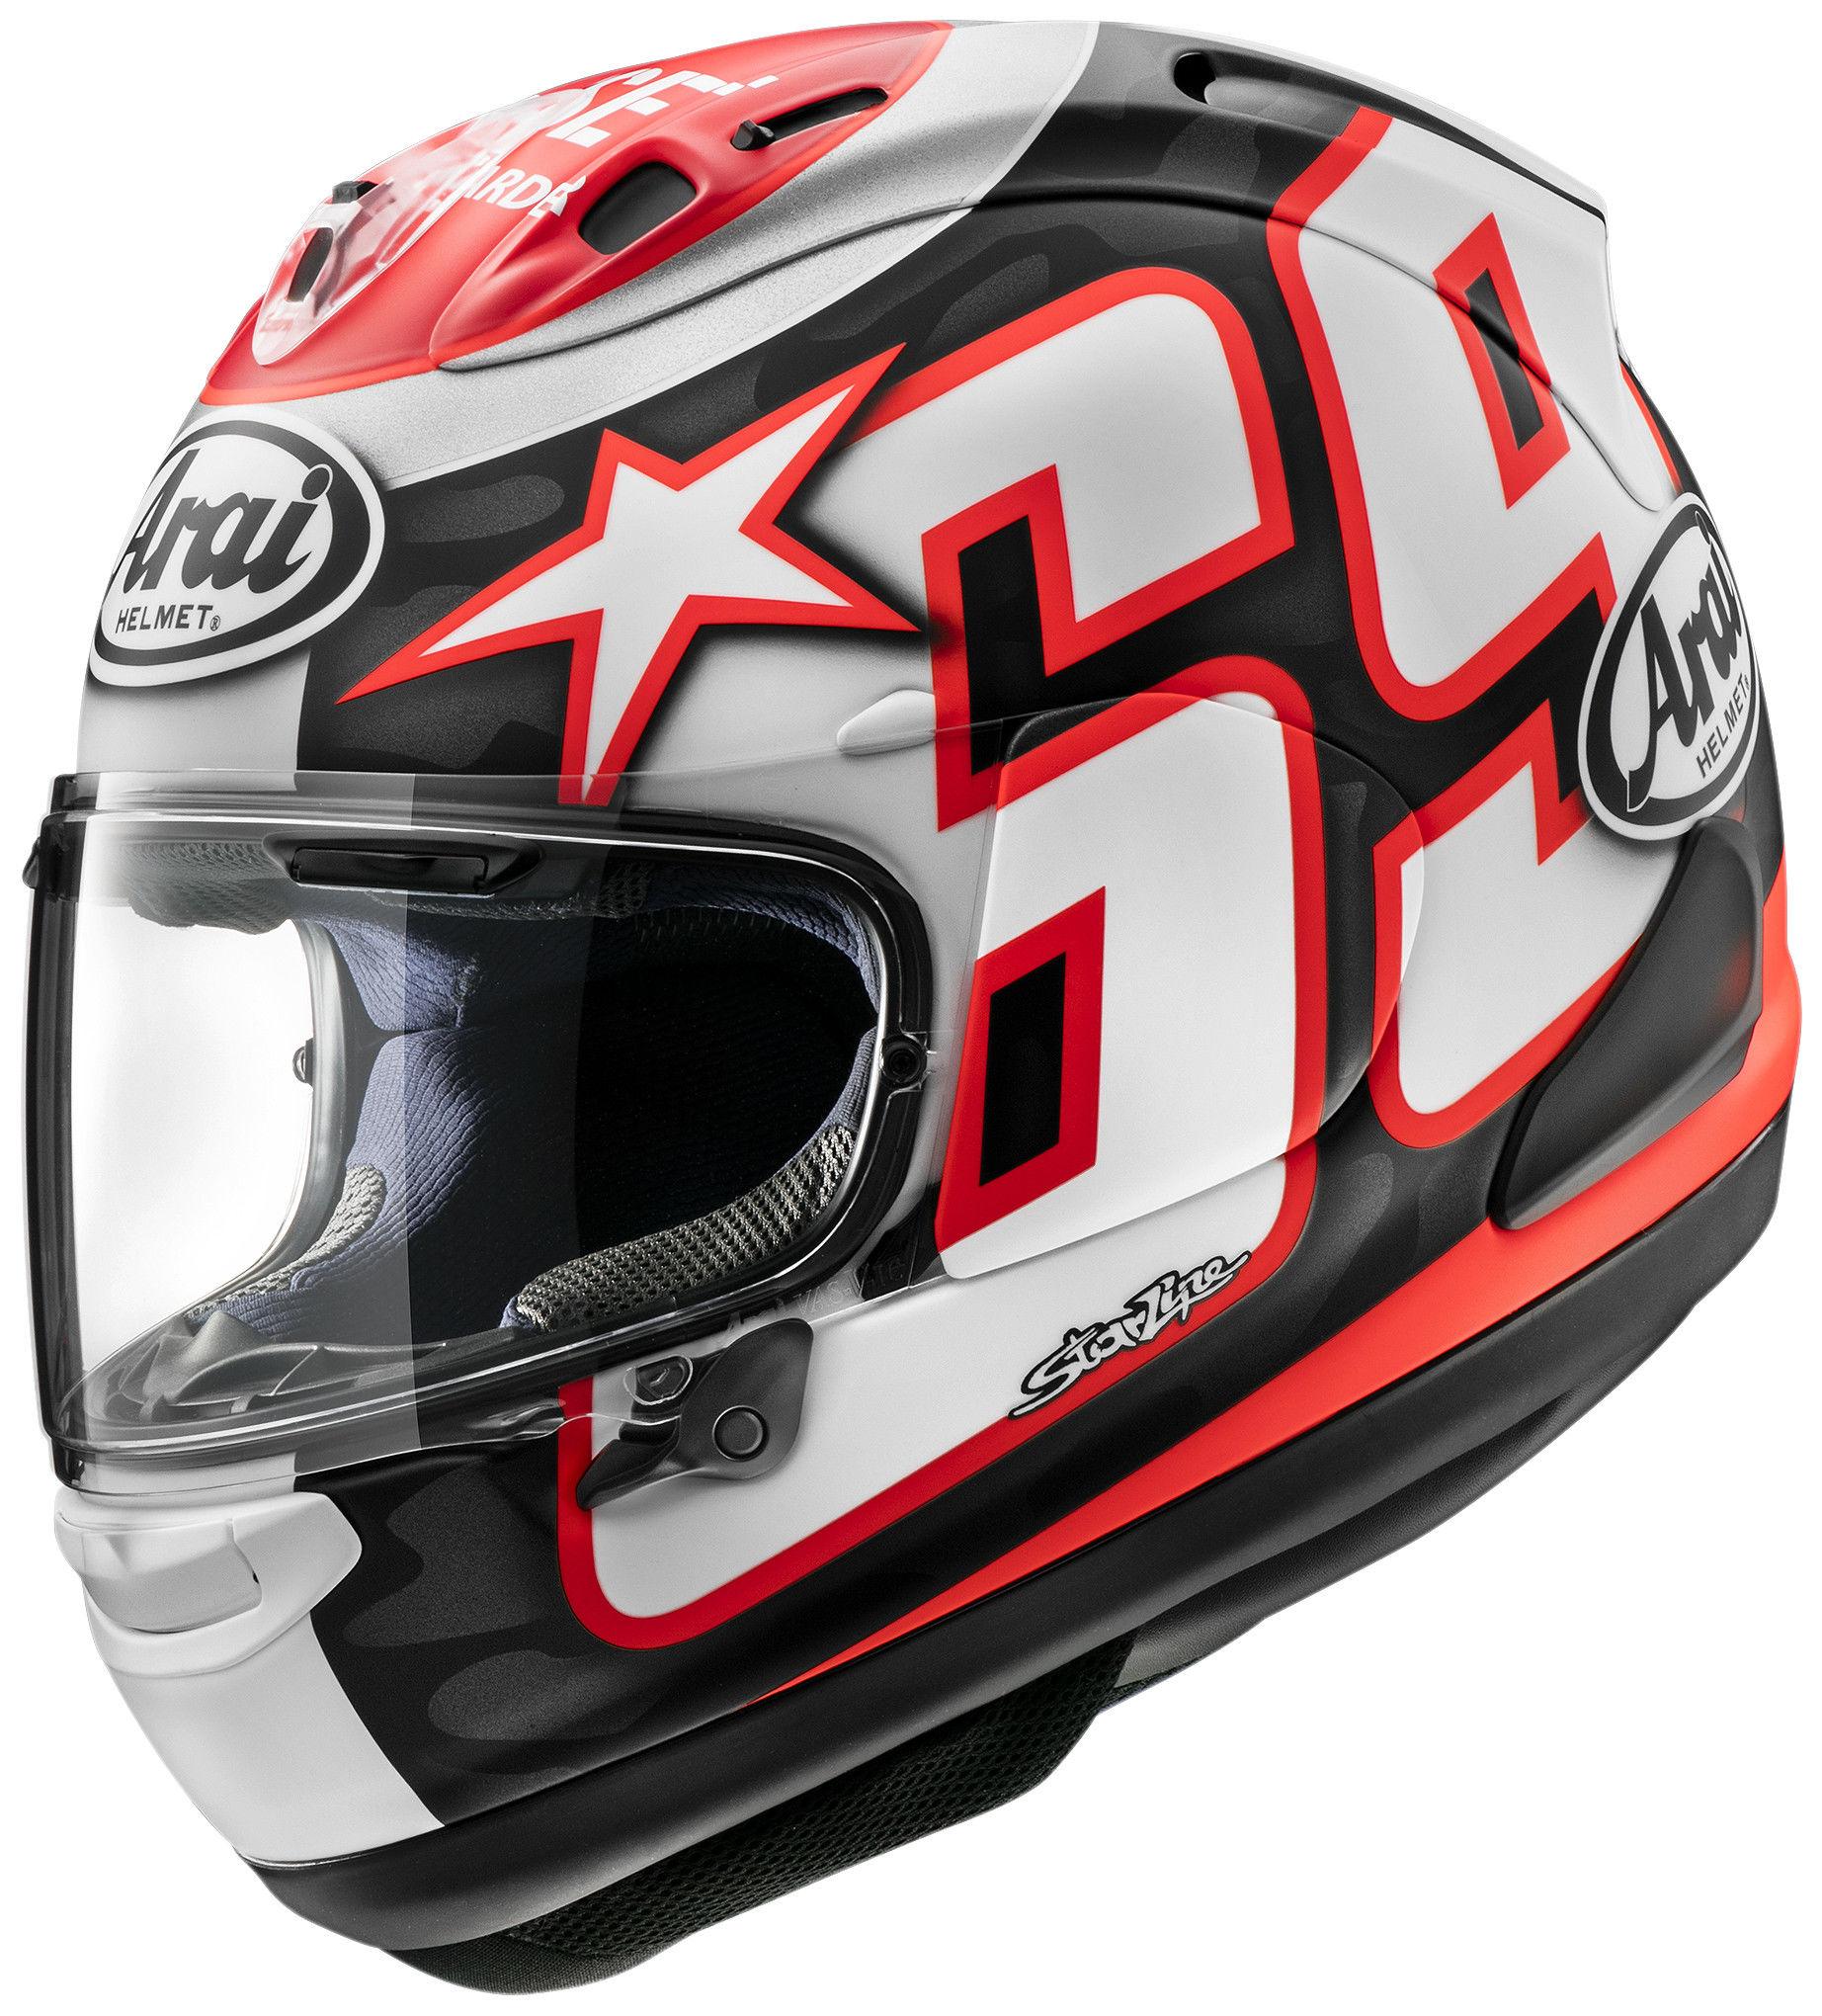 An Arai Nicky Reset Corsair-X helmet. Photo courtesy Arai.